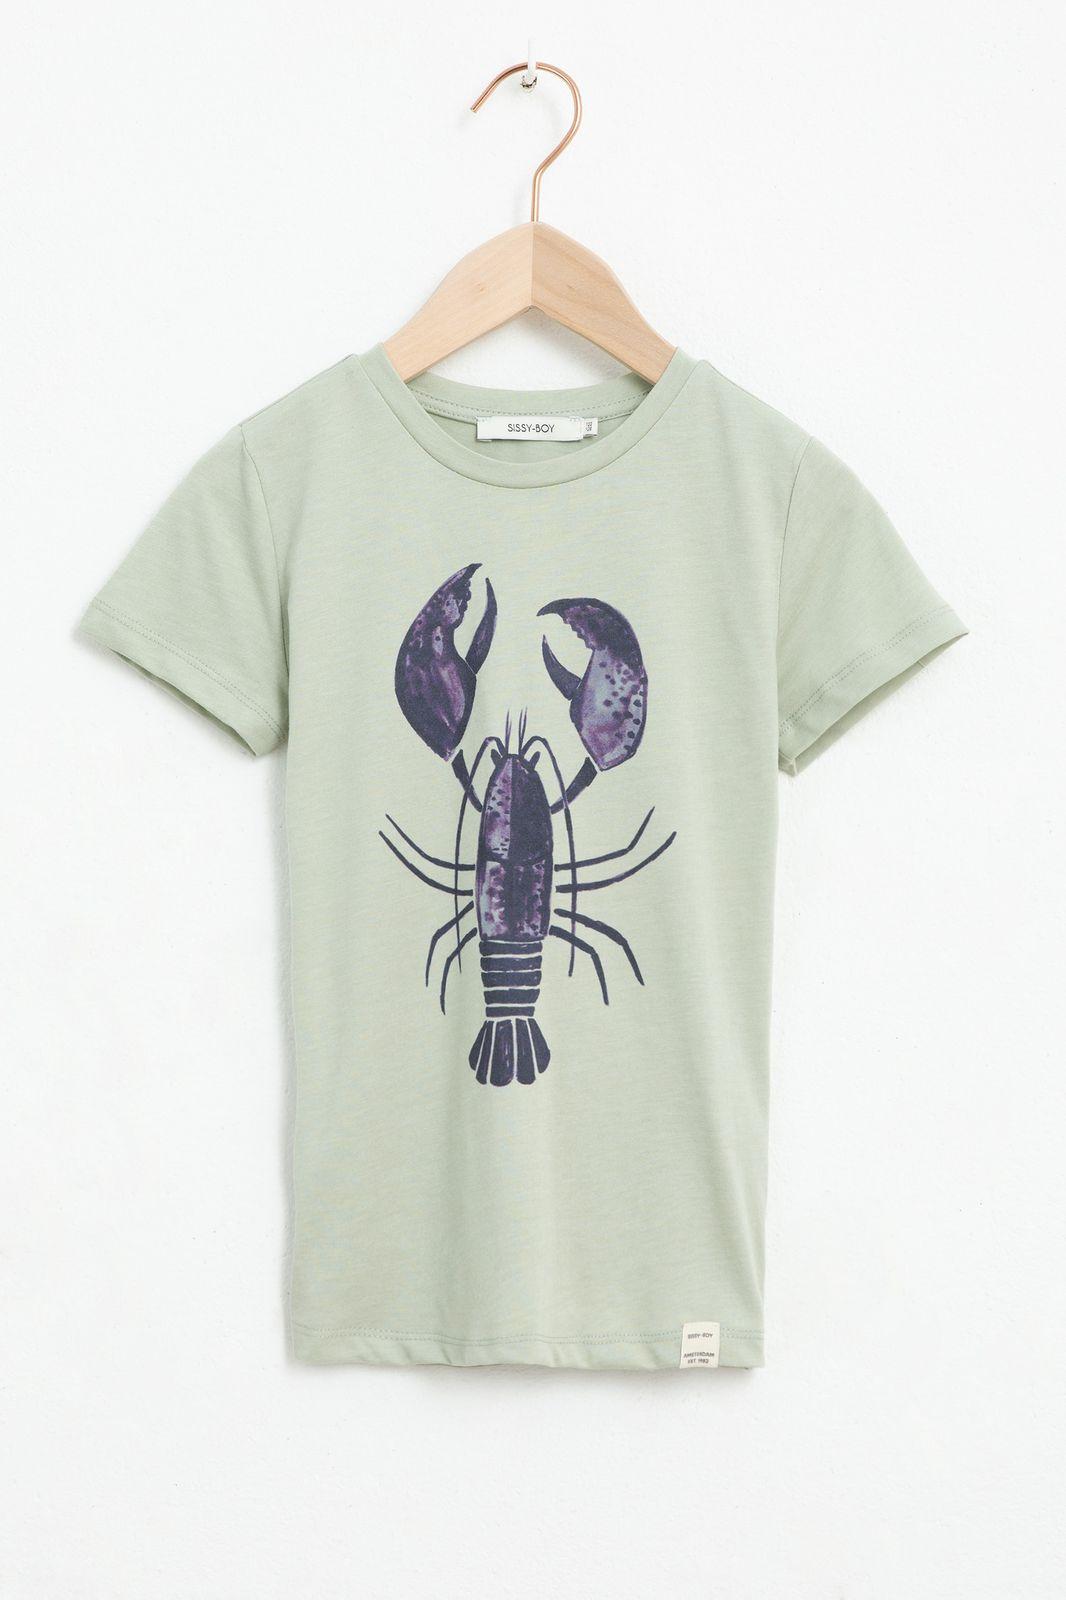 Grijs T-shirt met kreeft artwork en korte mouw